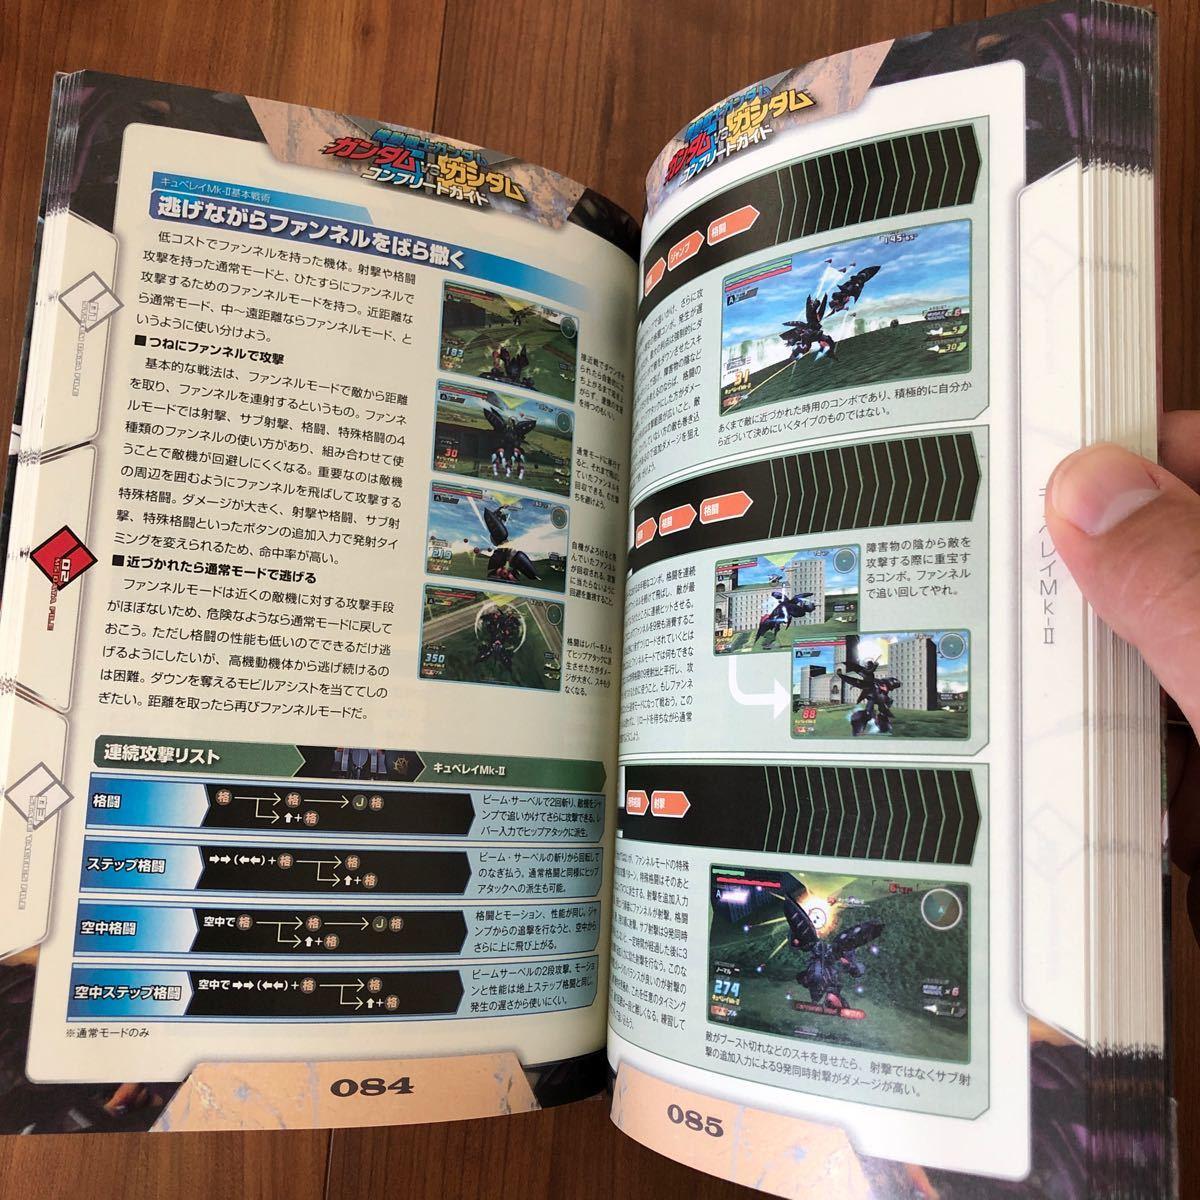 中古攻略本 PSP 機動戦士ガンダム ガンダムVS.ガンダム コンプリートガイド